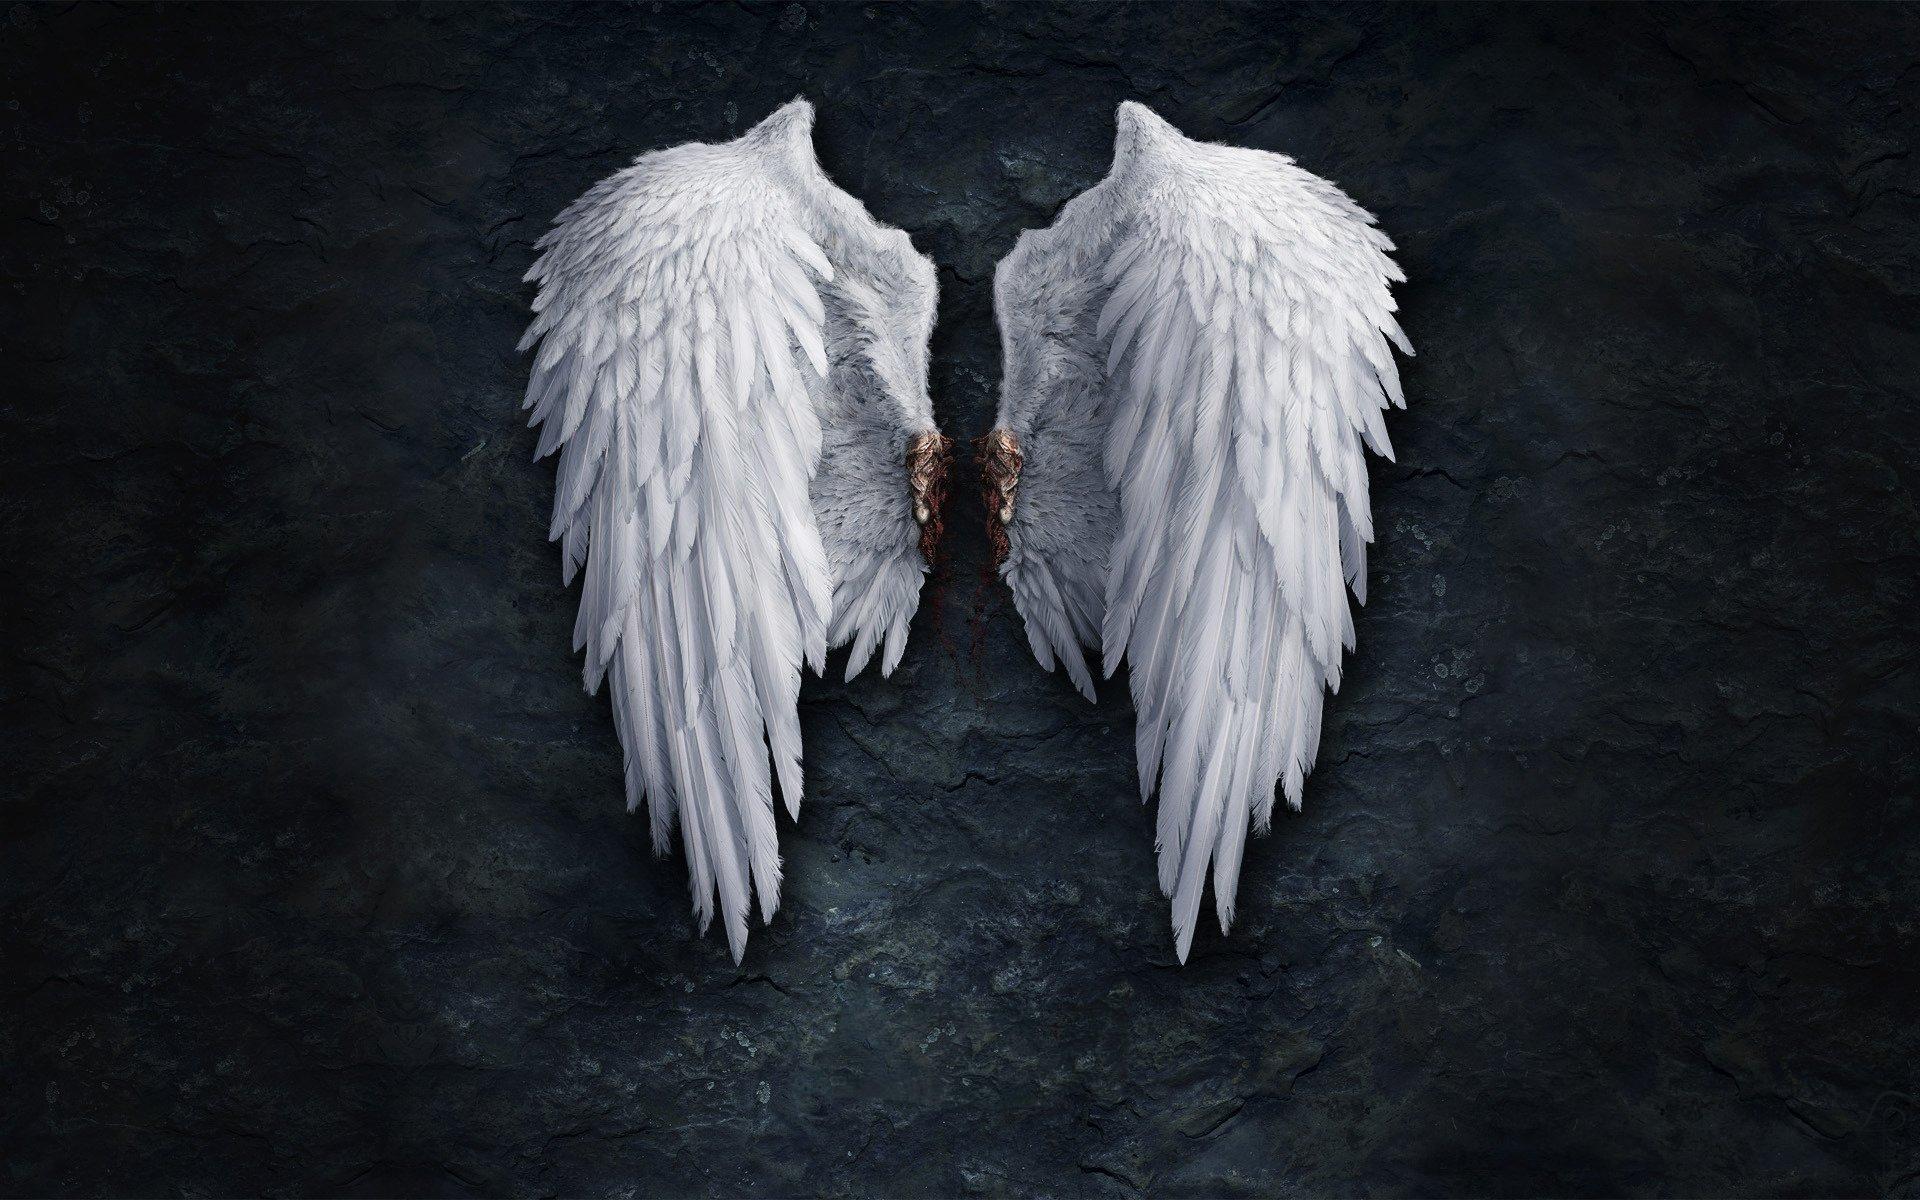 drawing clip art xpx hd blue angel wings wallpaper hd blue angel wings 1920x1200